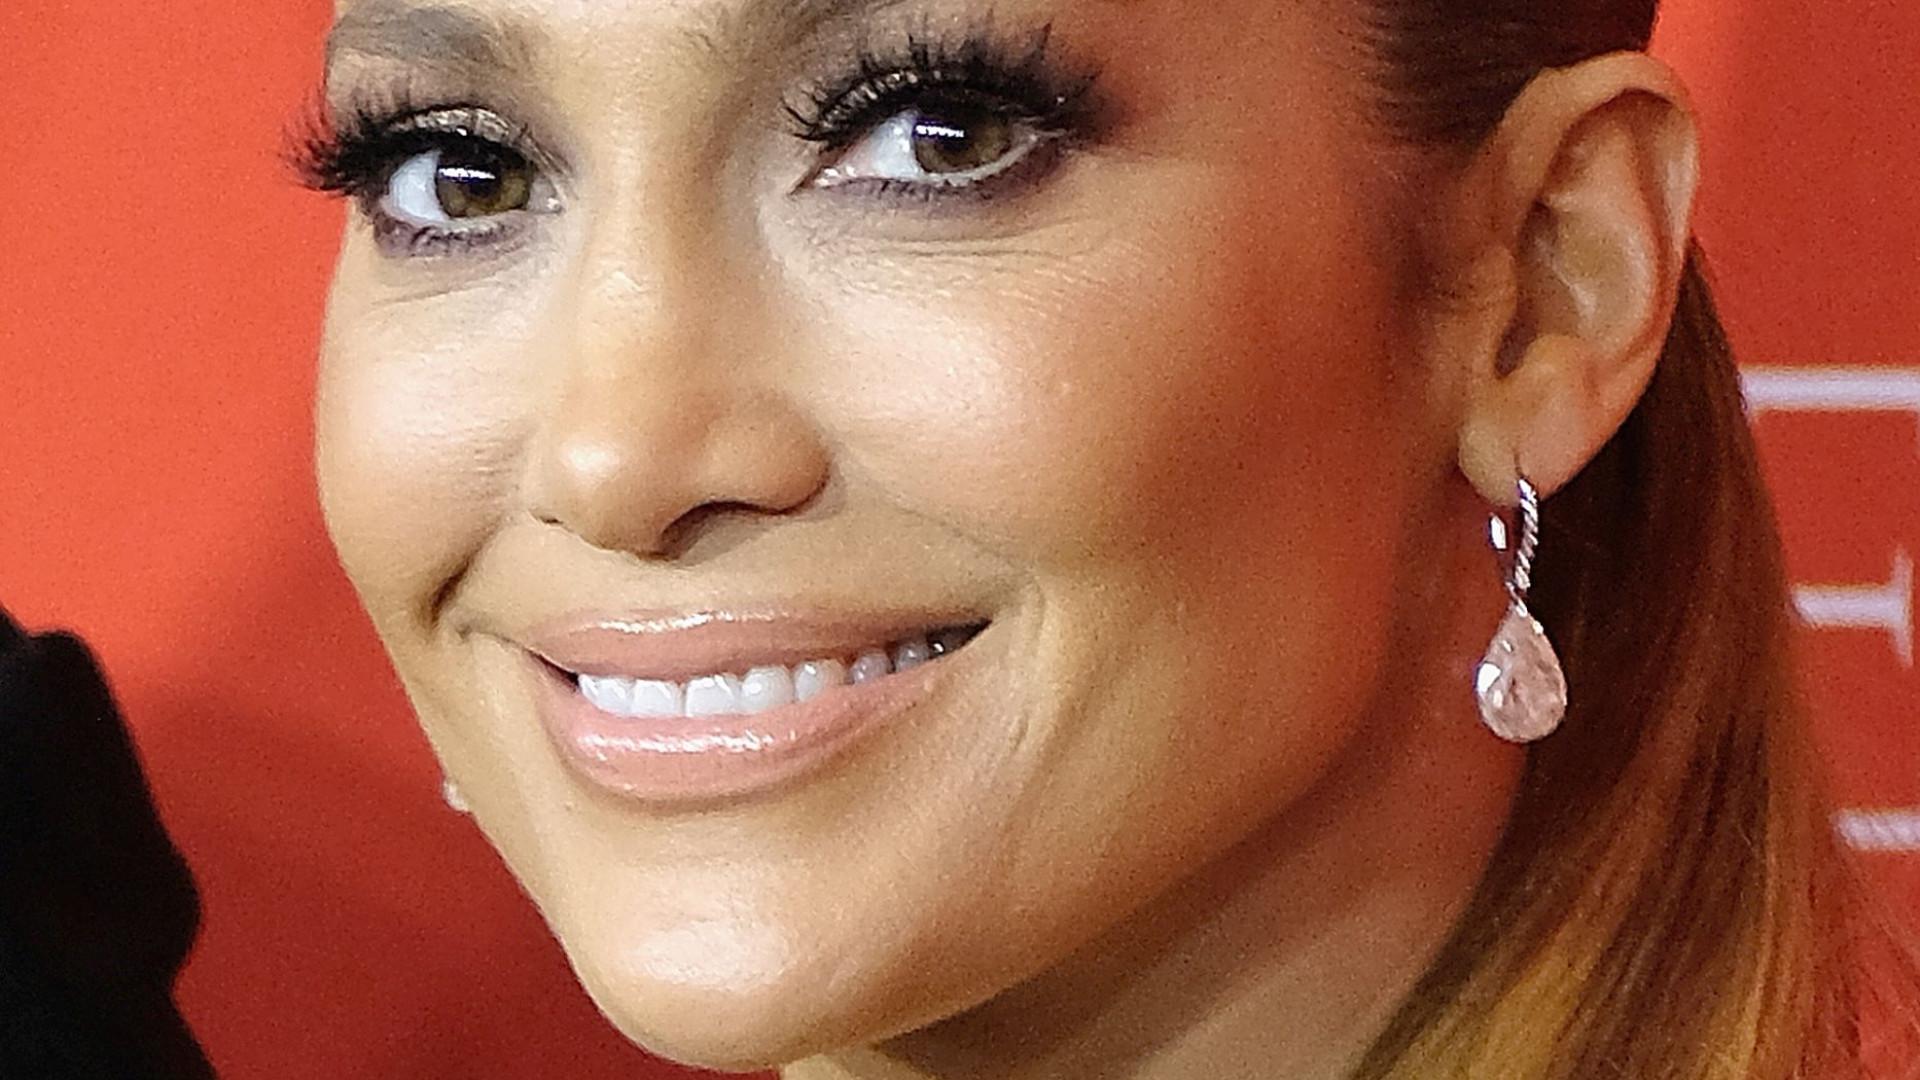 Aos 49 anos, Jennifer Lopez exibe curvas esculturais em fato de banho